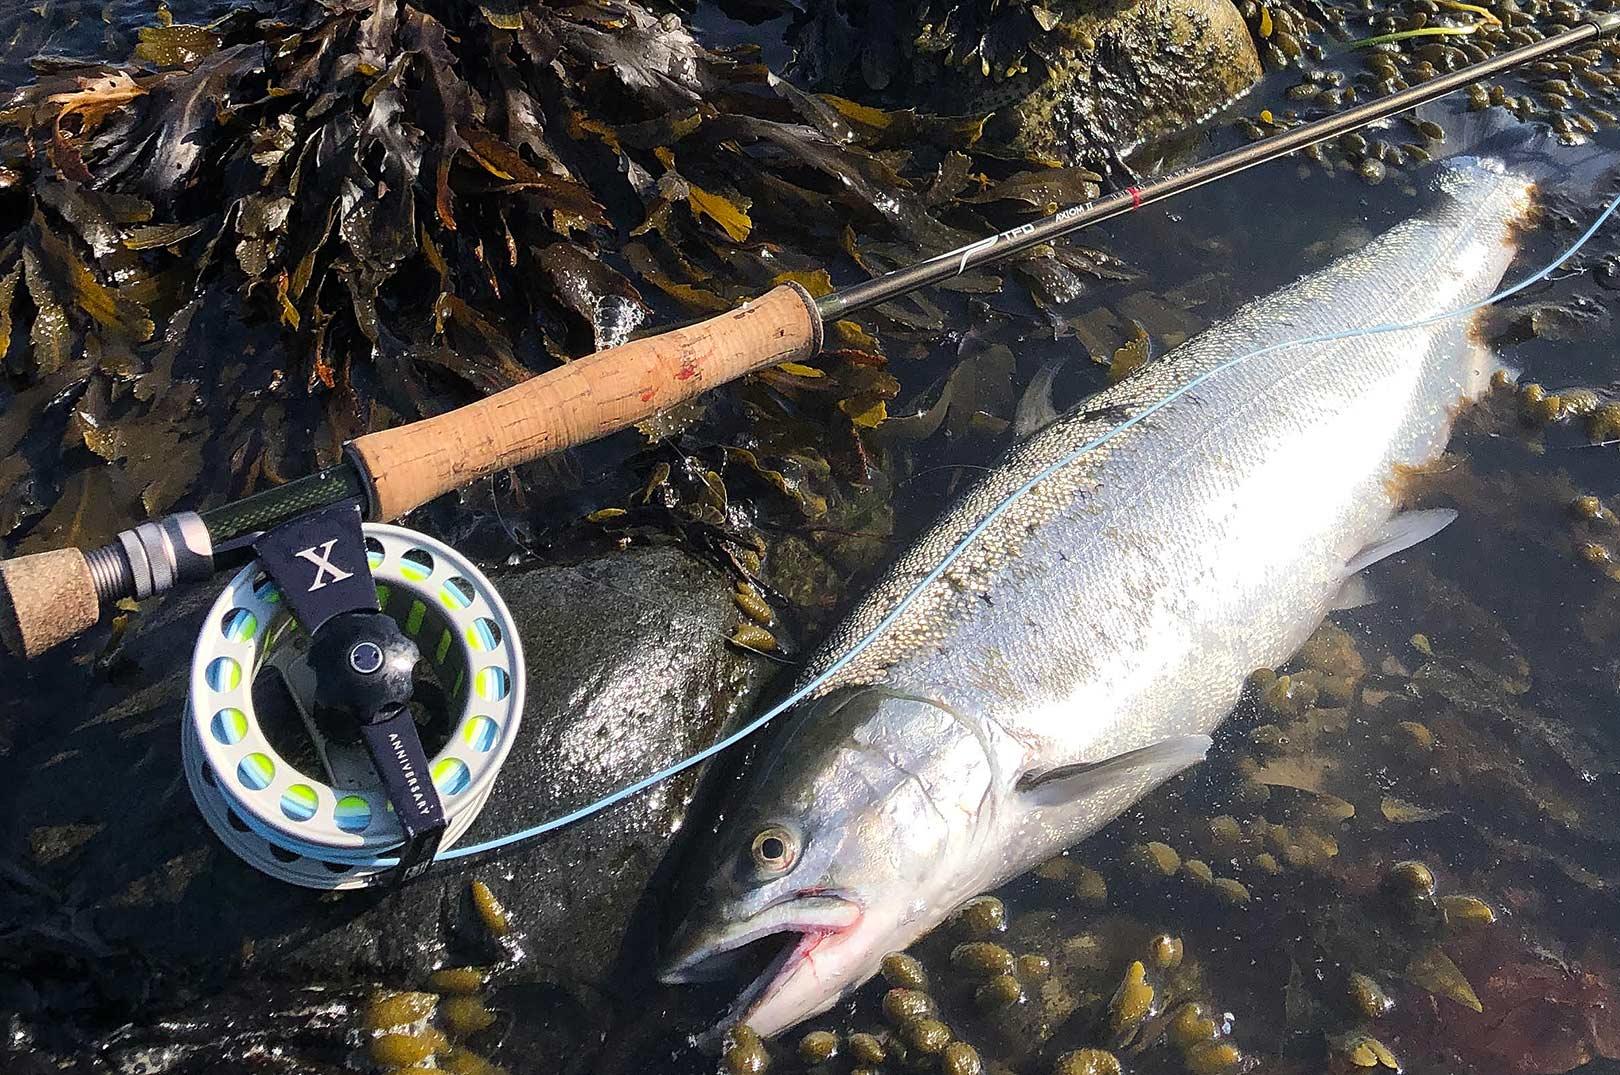 Der var ikke meget action på turen til Samsø, men denne flotte fisk reddede alligevel turen.